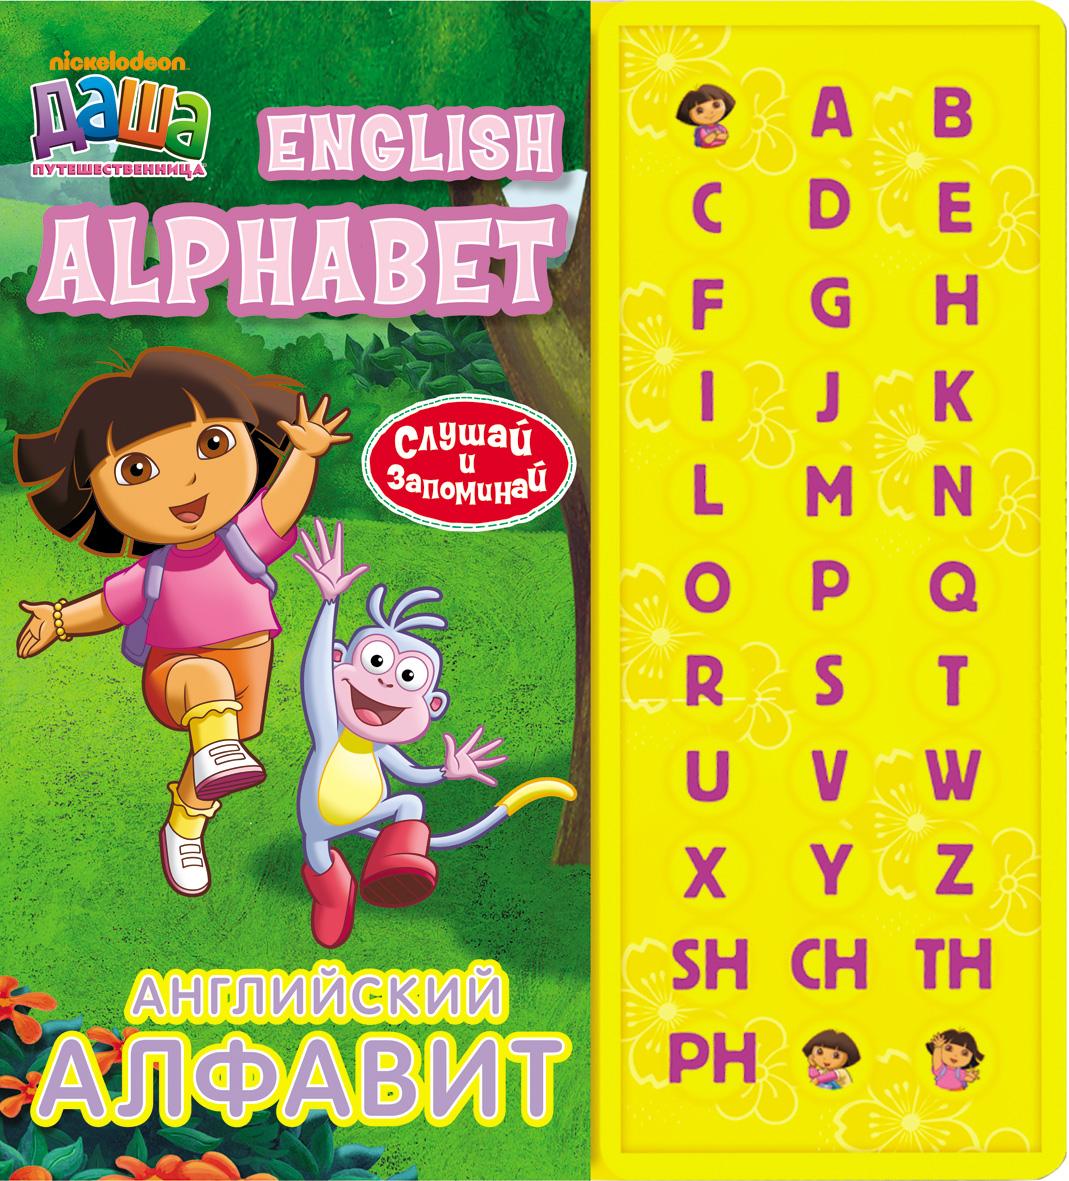 Книга Английский Алфавит из серии Даша-путешественницаГоворящие азбуки<br>Книга Английский Алфавит из серии Даша-путешественница<br>